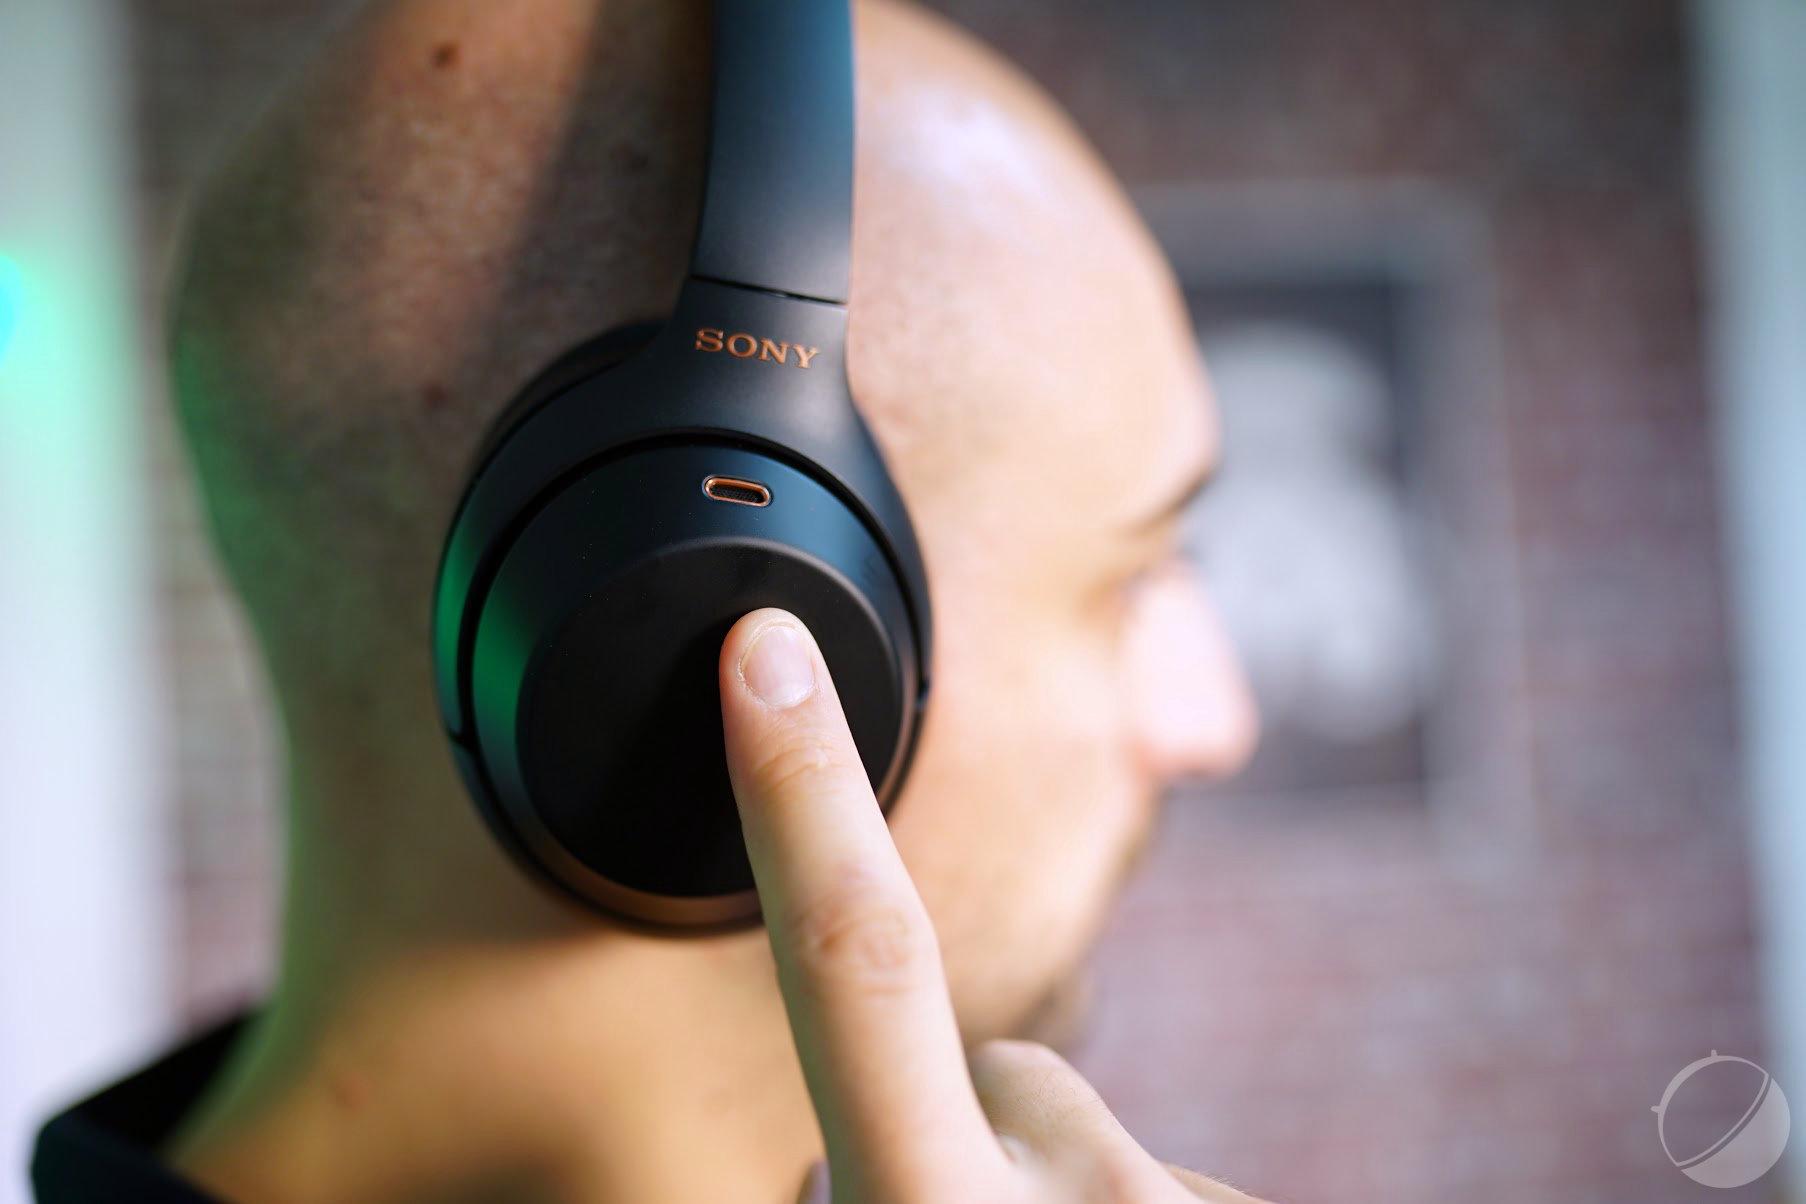 Baisse de prix pour le casque Sony WH-1000XM3 : c'est le moment de craquer